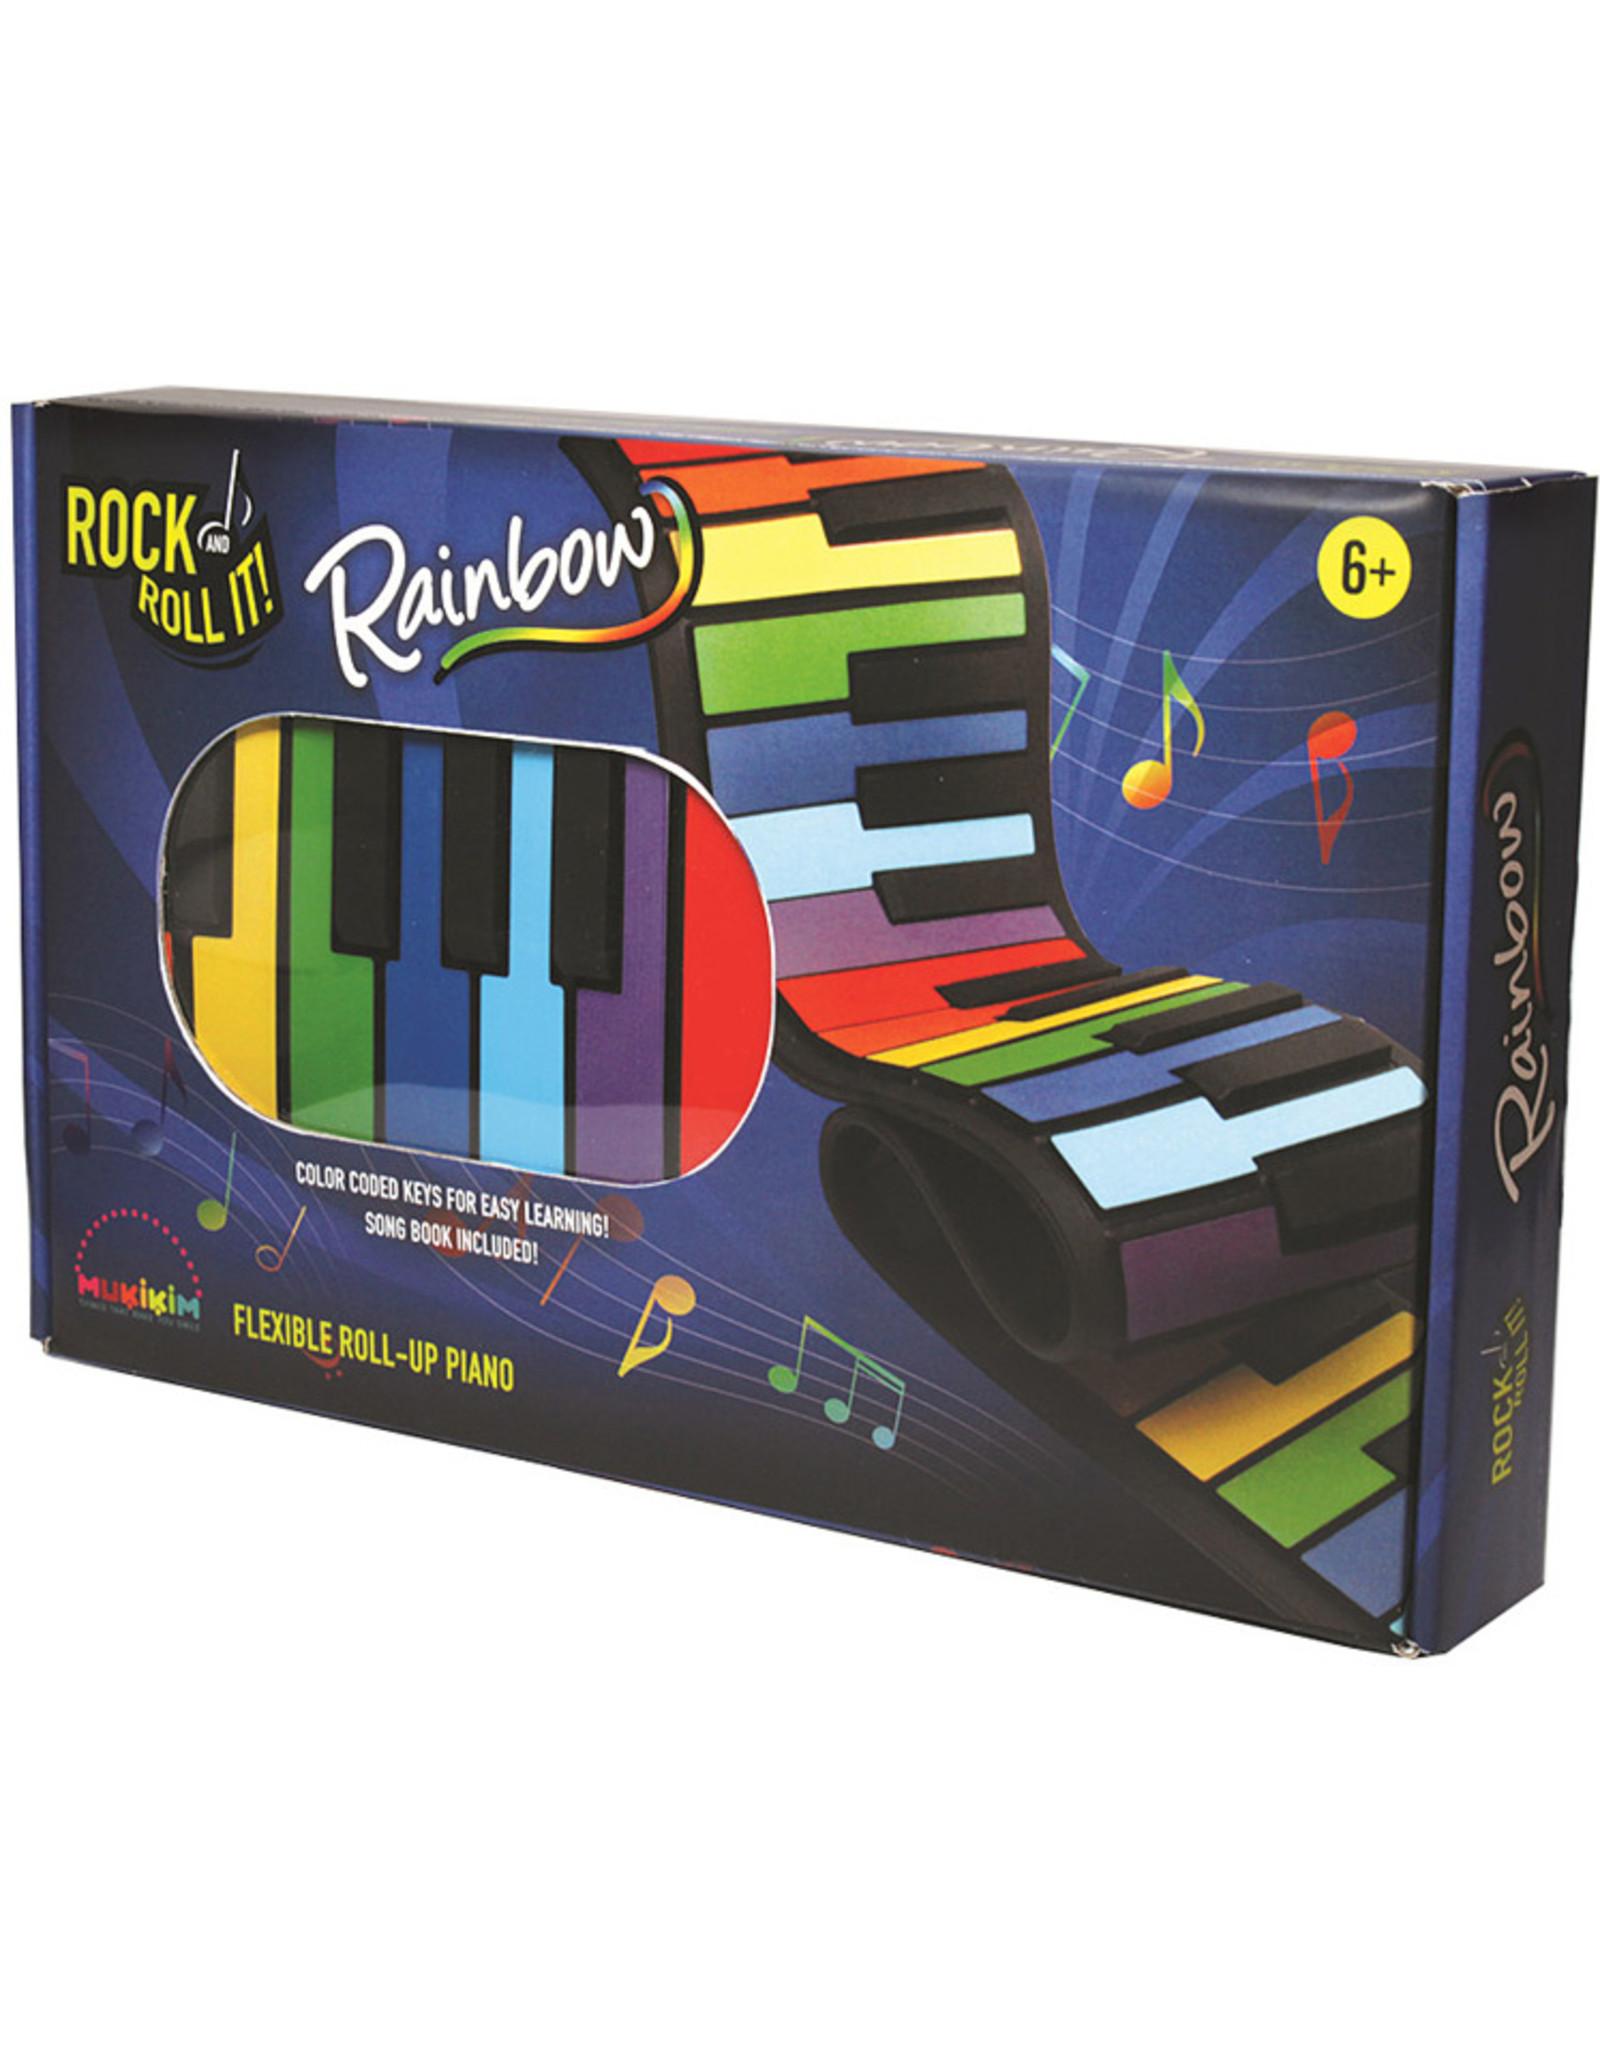 Mukikim Rock & Roll It! Rainbow Piano